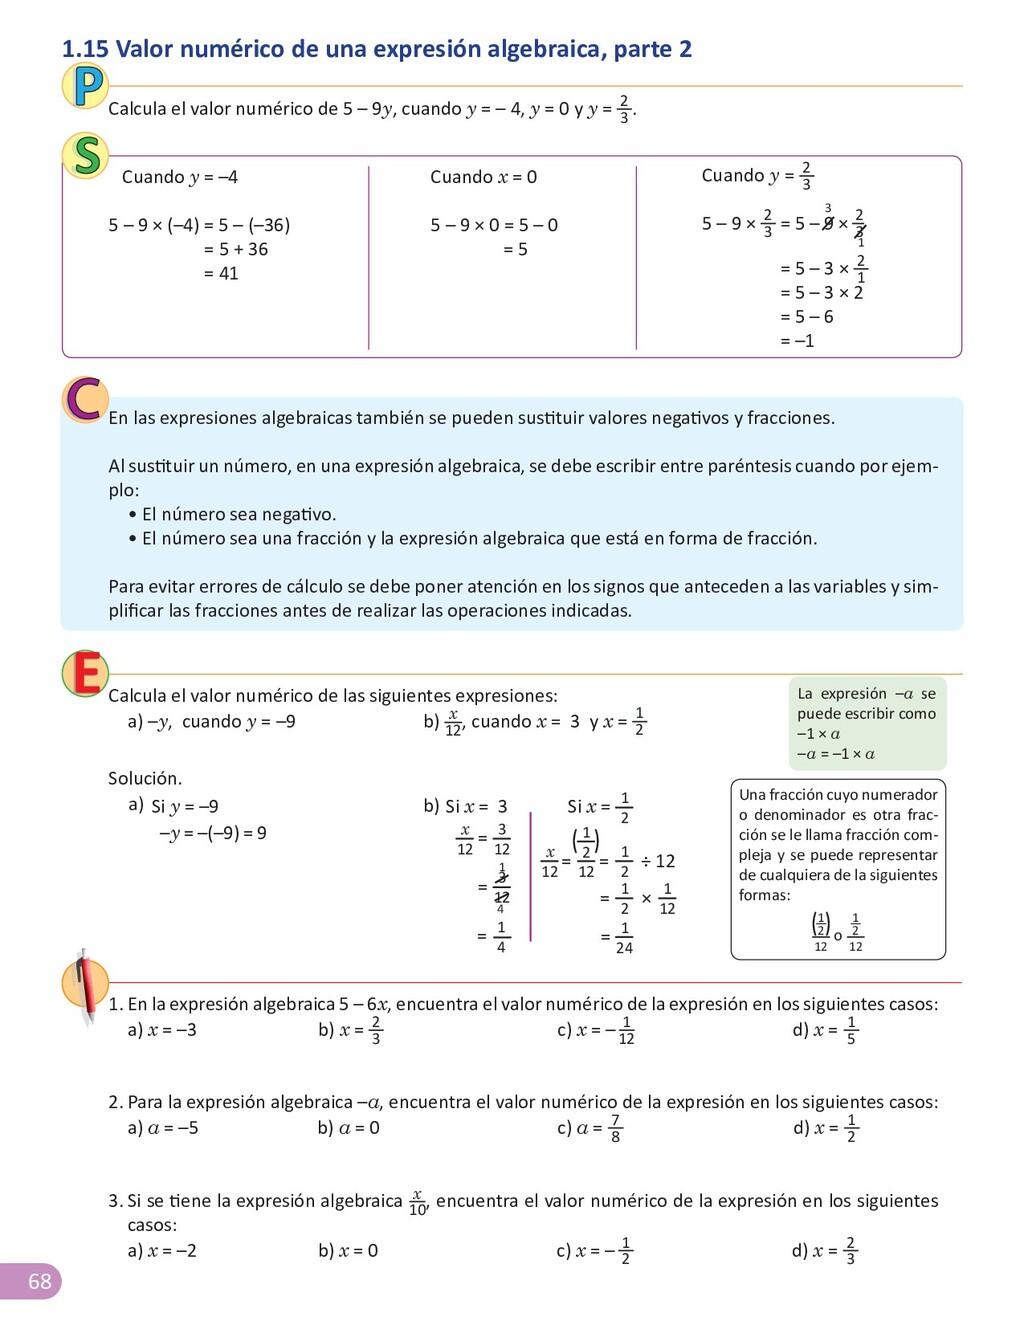 68 1.15 Valor numérico de una expresión algebra...